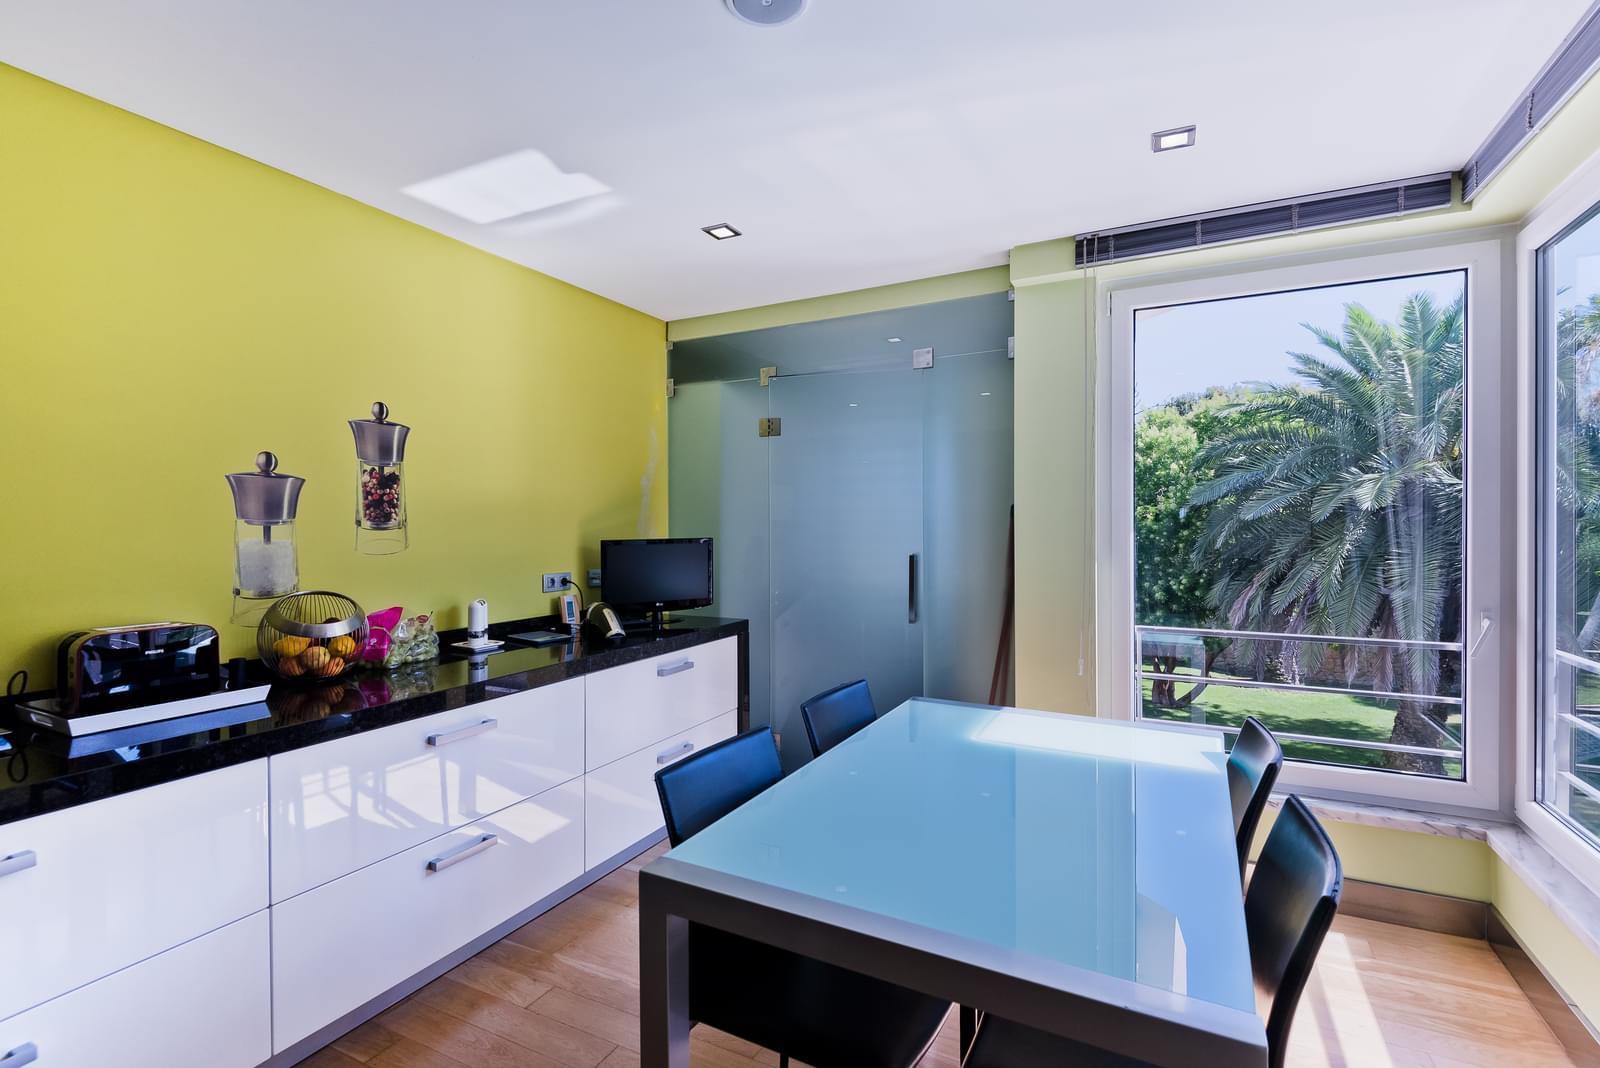 pf18030-apartamento-t4-cascais-07ce6d1c-8fc7-4bcb-9a21-1160f279befb